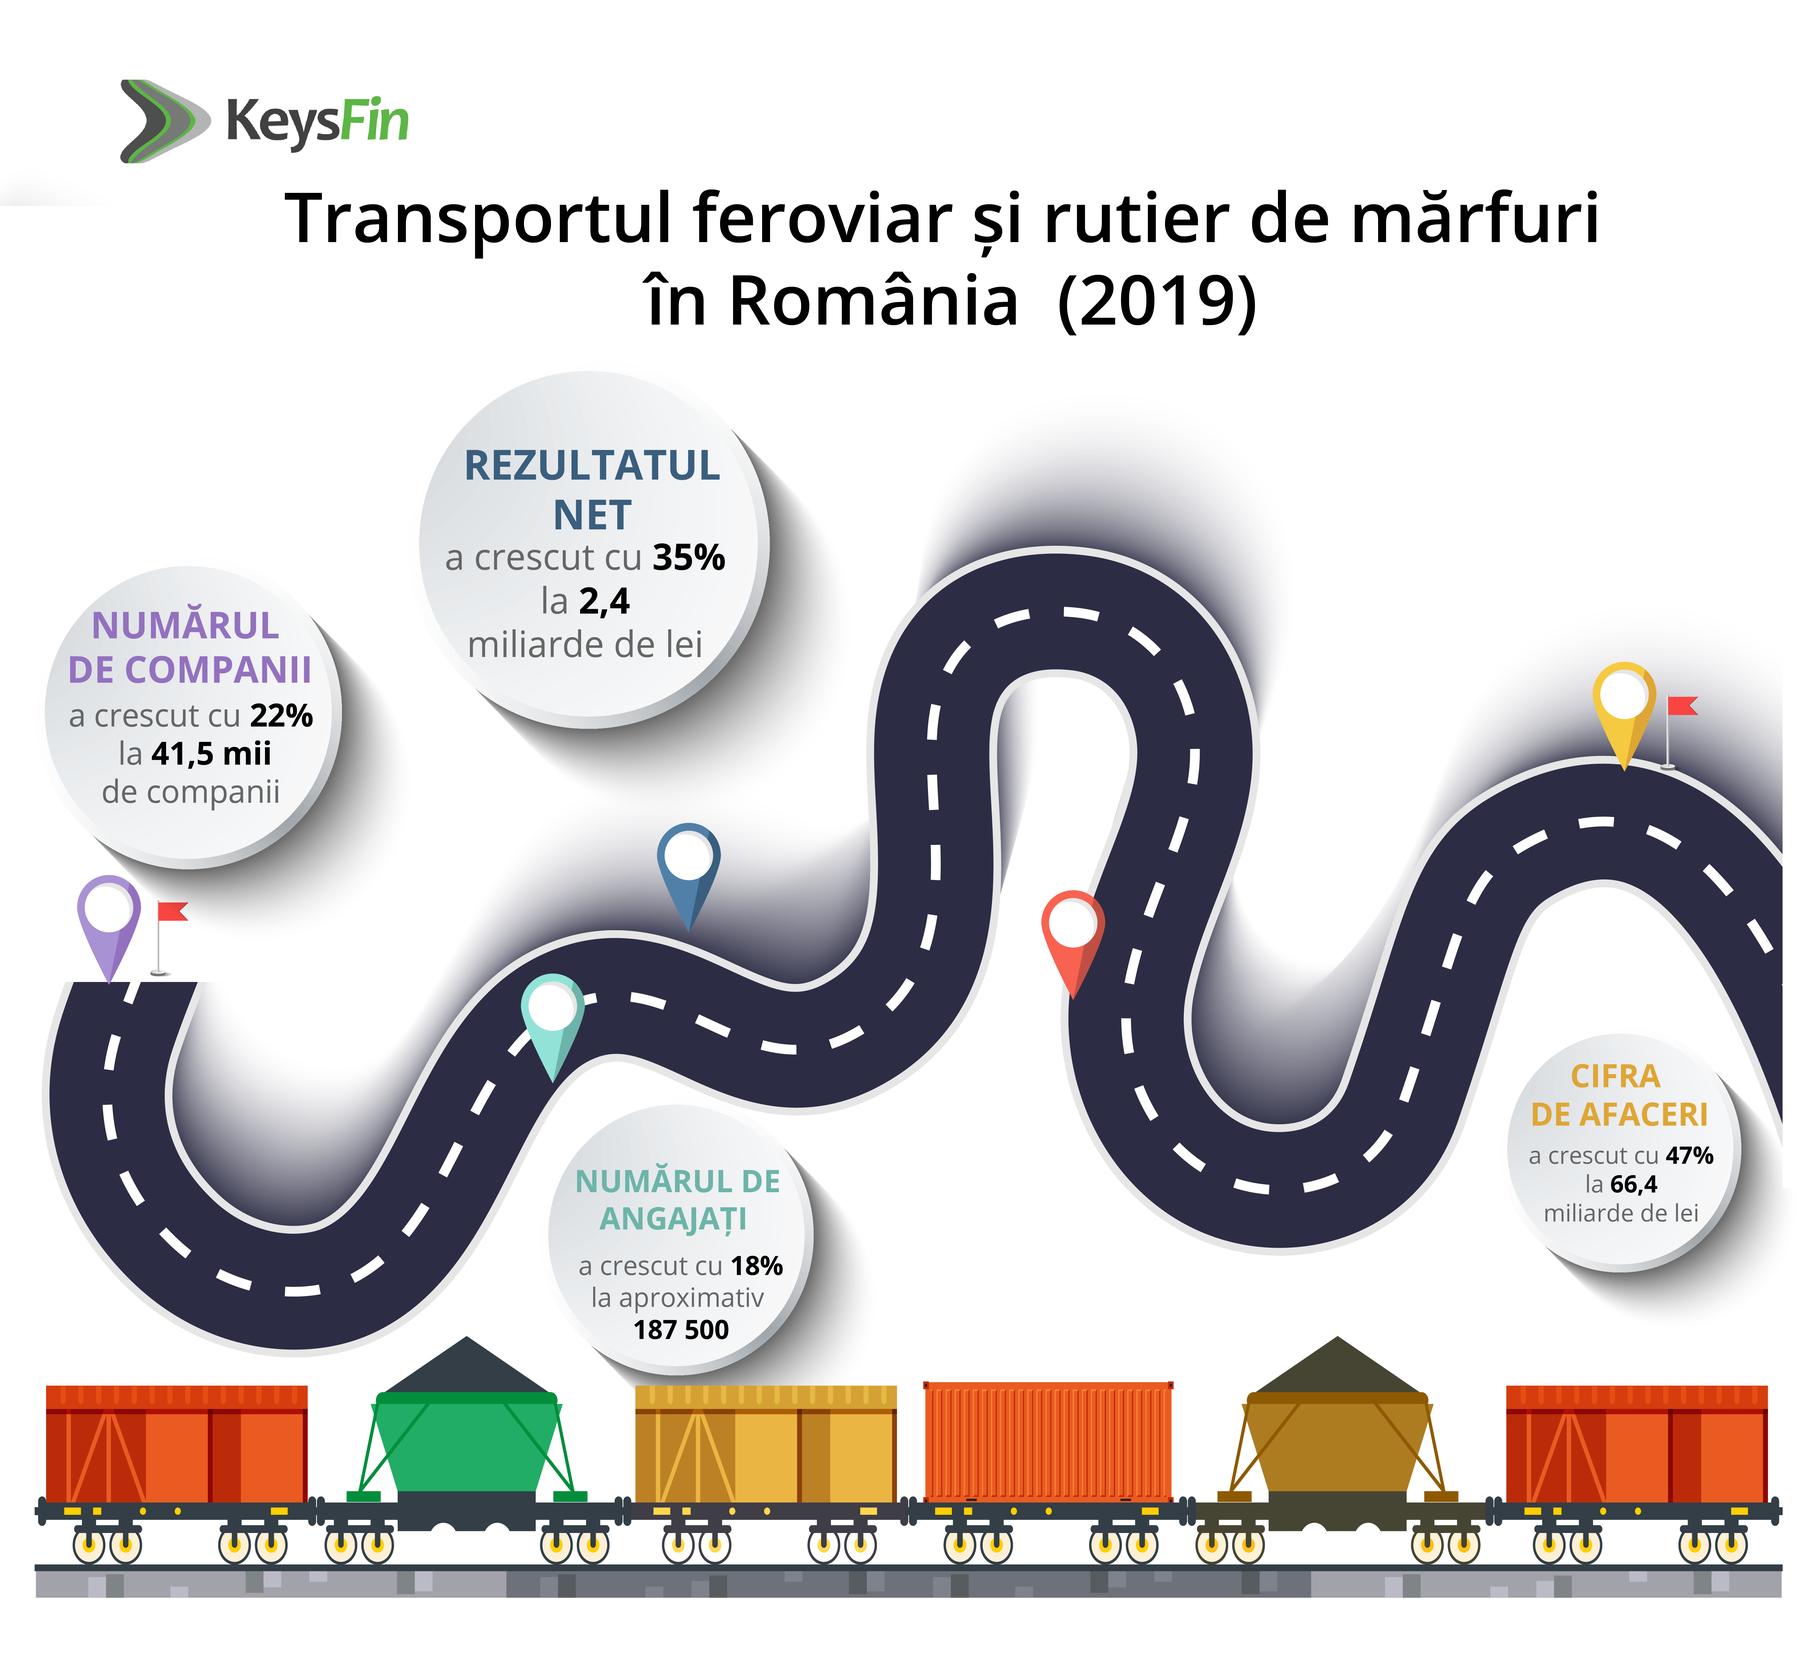 Evolutia sectorului de transport marfuri feroviar si rutier